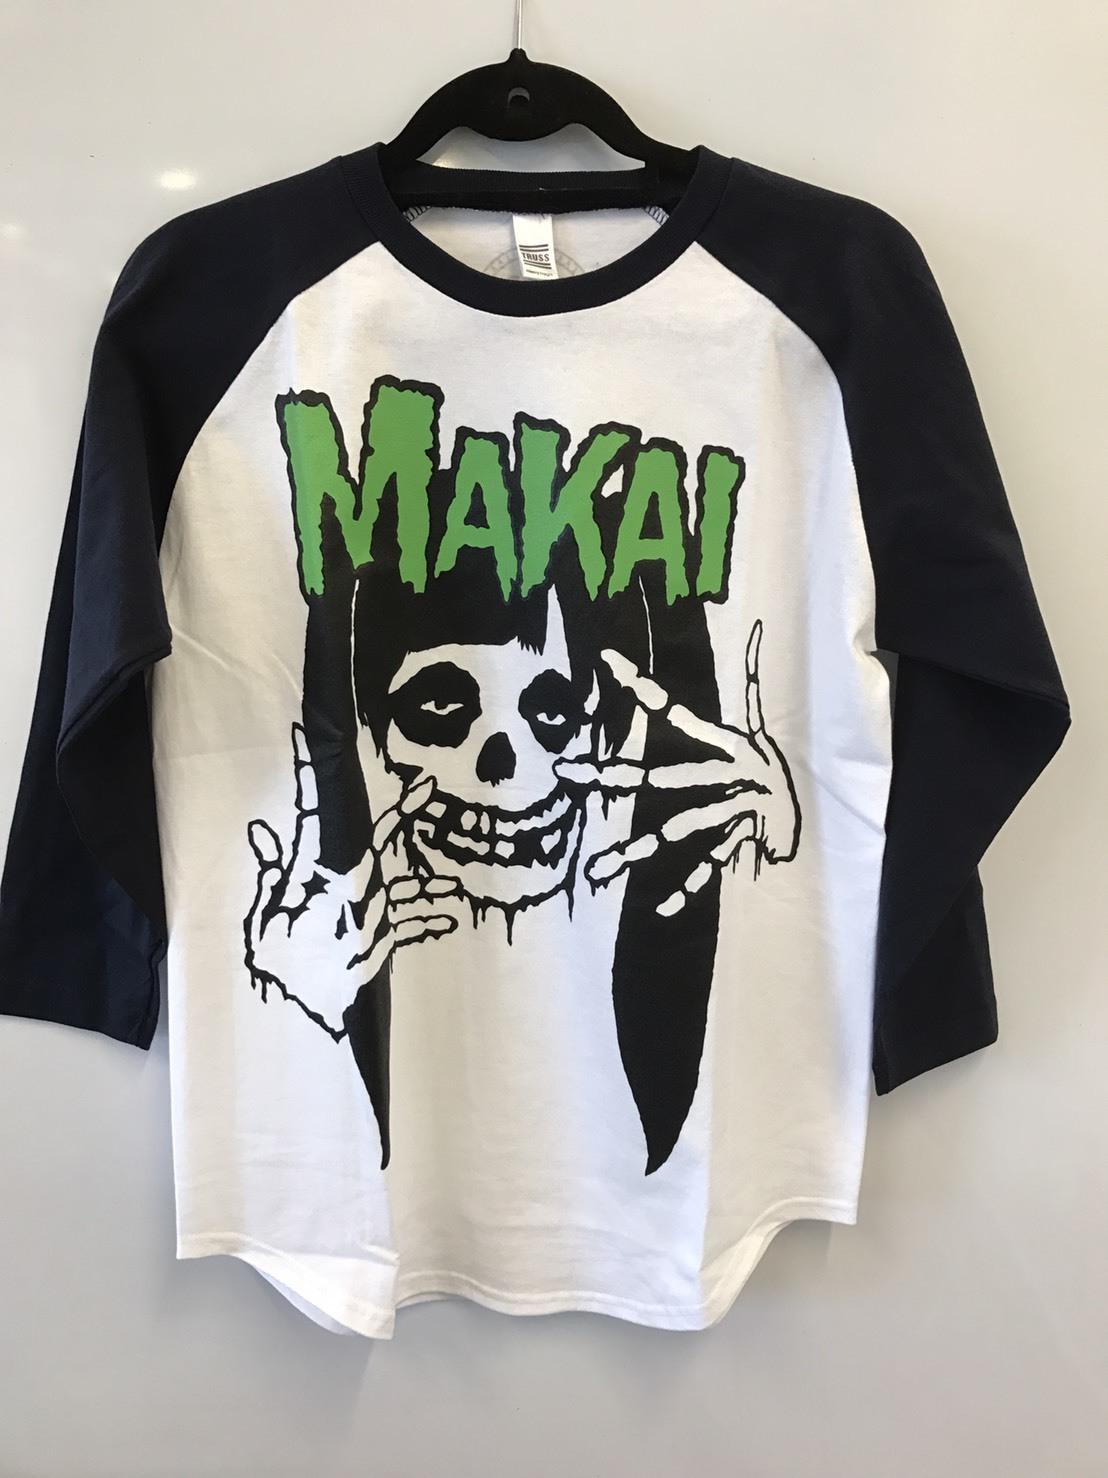 MAKAIラグランTシャツ